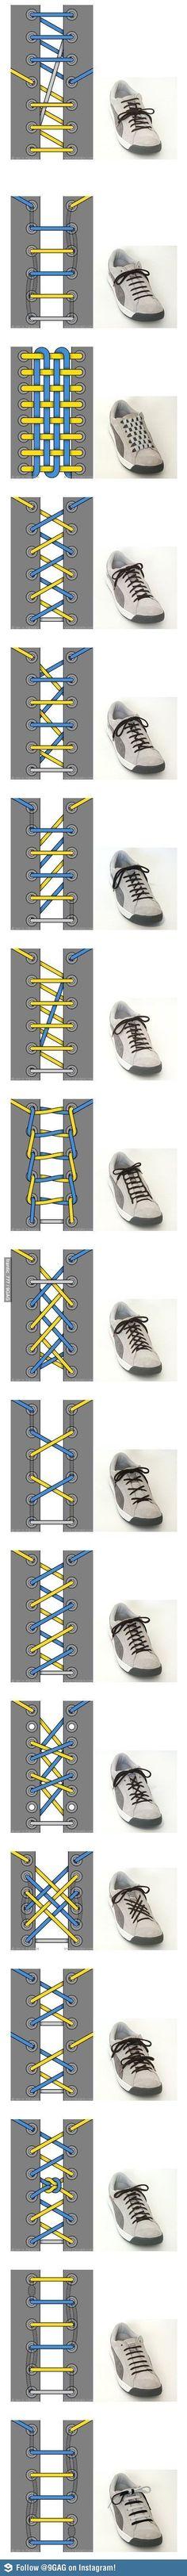 Unique ways to lace shoes